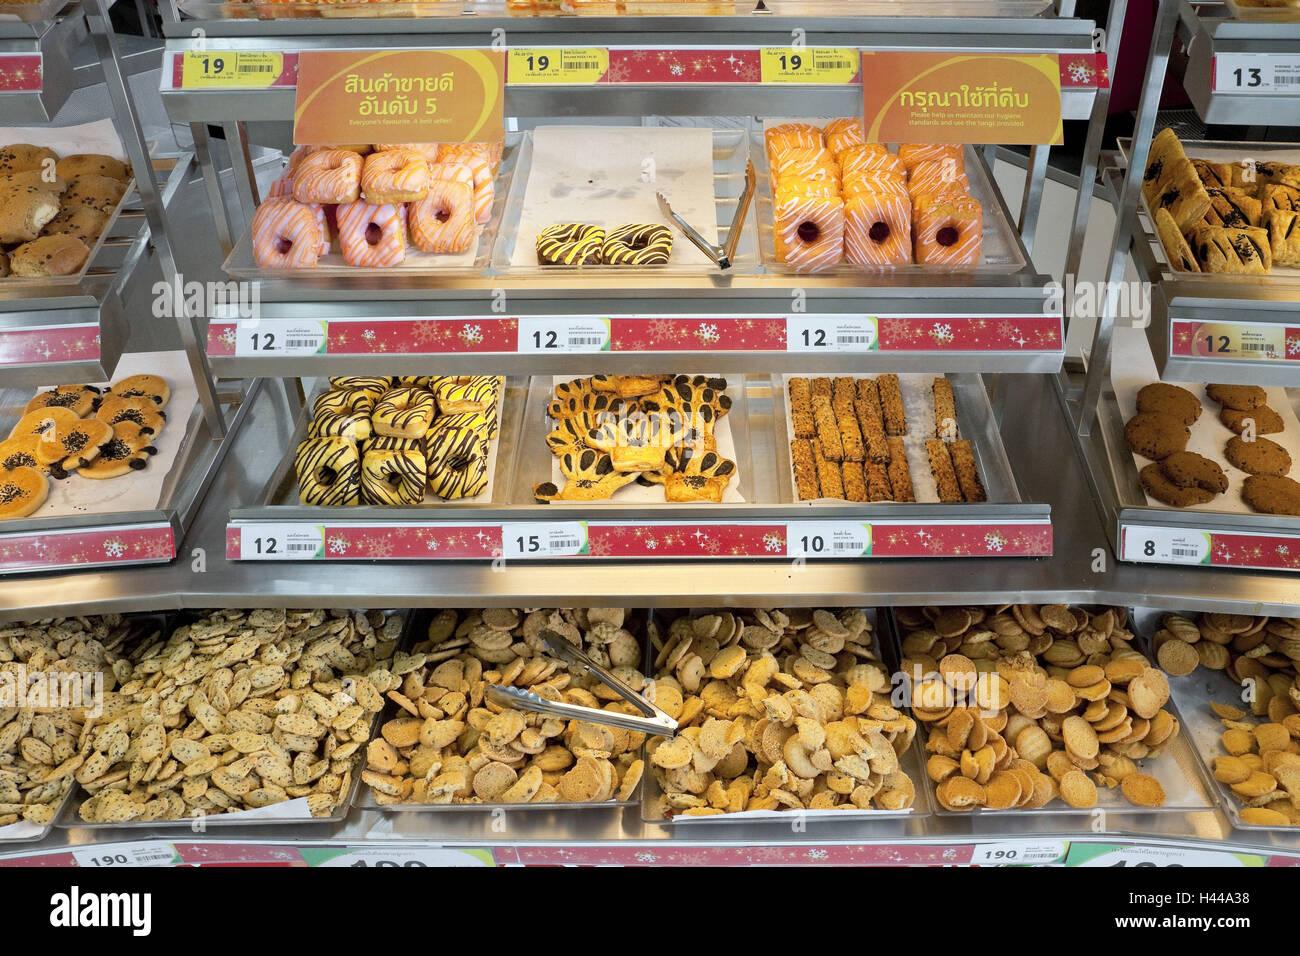 Asien, Thailand, Insel Phuket, Chalong, Supermarkt, Kosten, Kuchen Und  Gebäck,